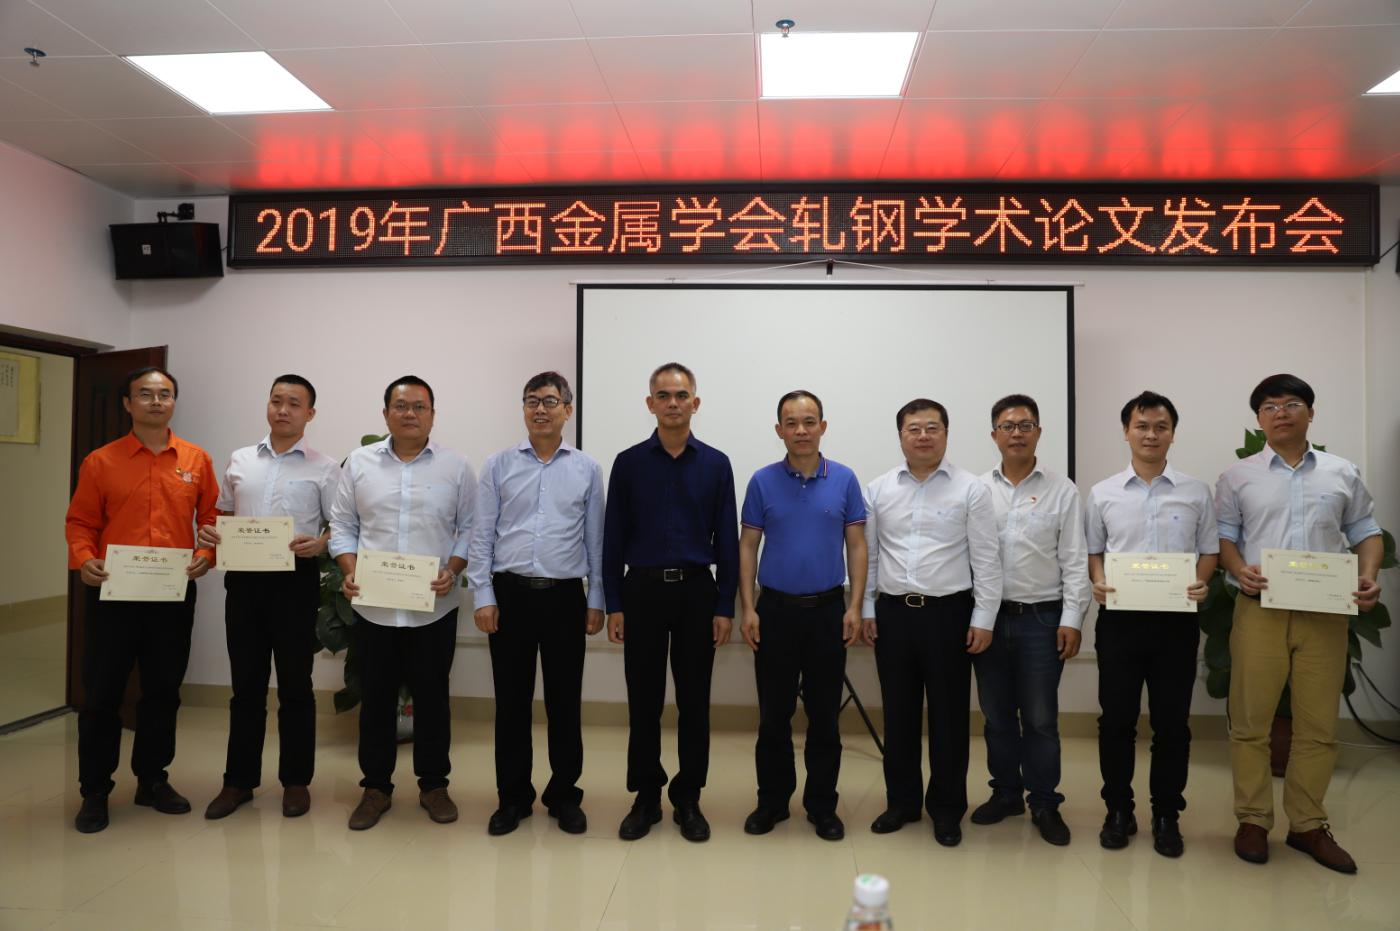 2019年广西金属学会轧钢学术论文发布会在柳钢中金公司召开